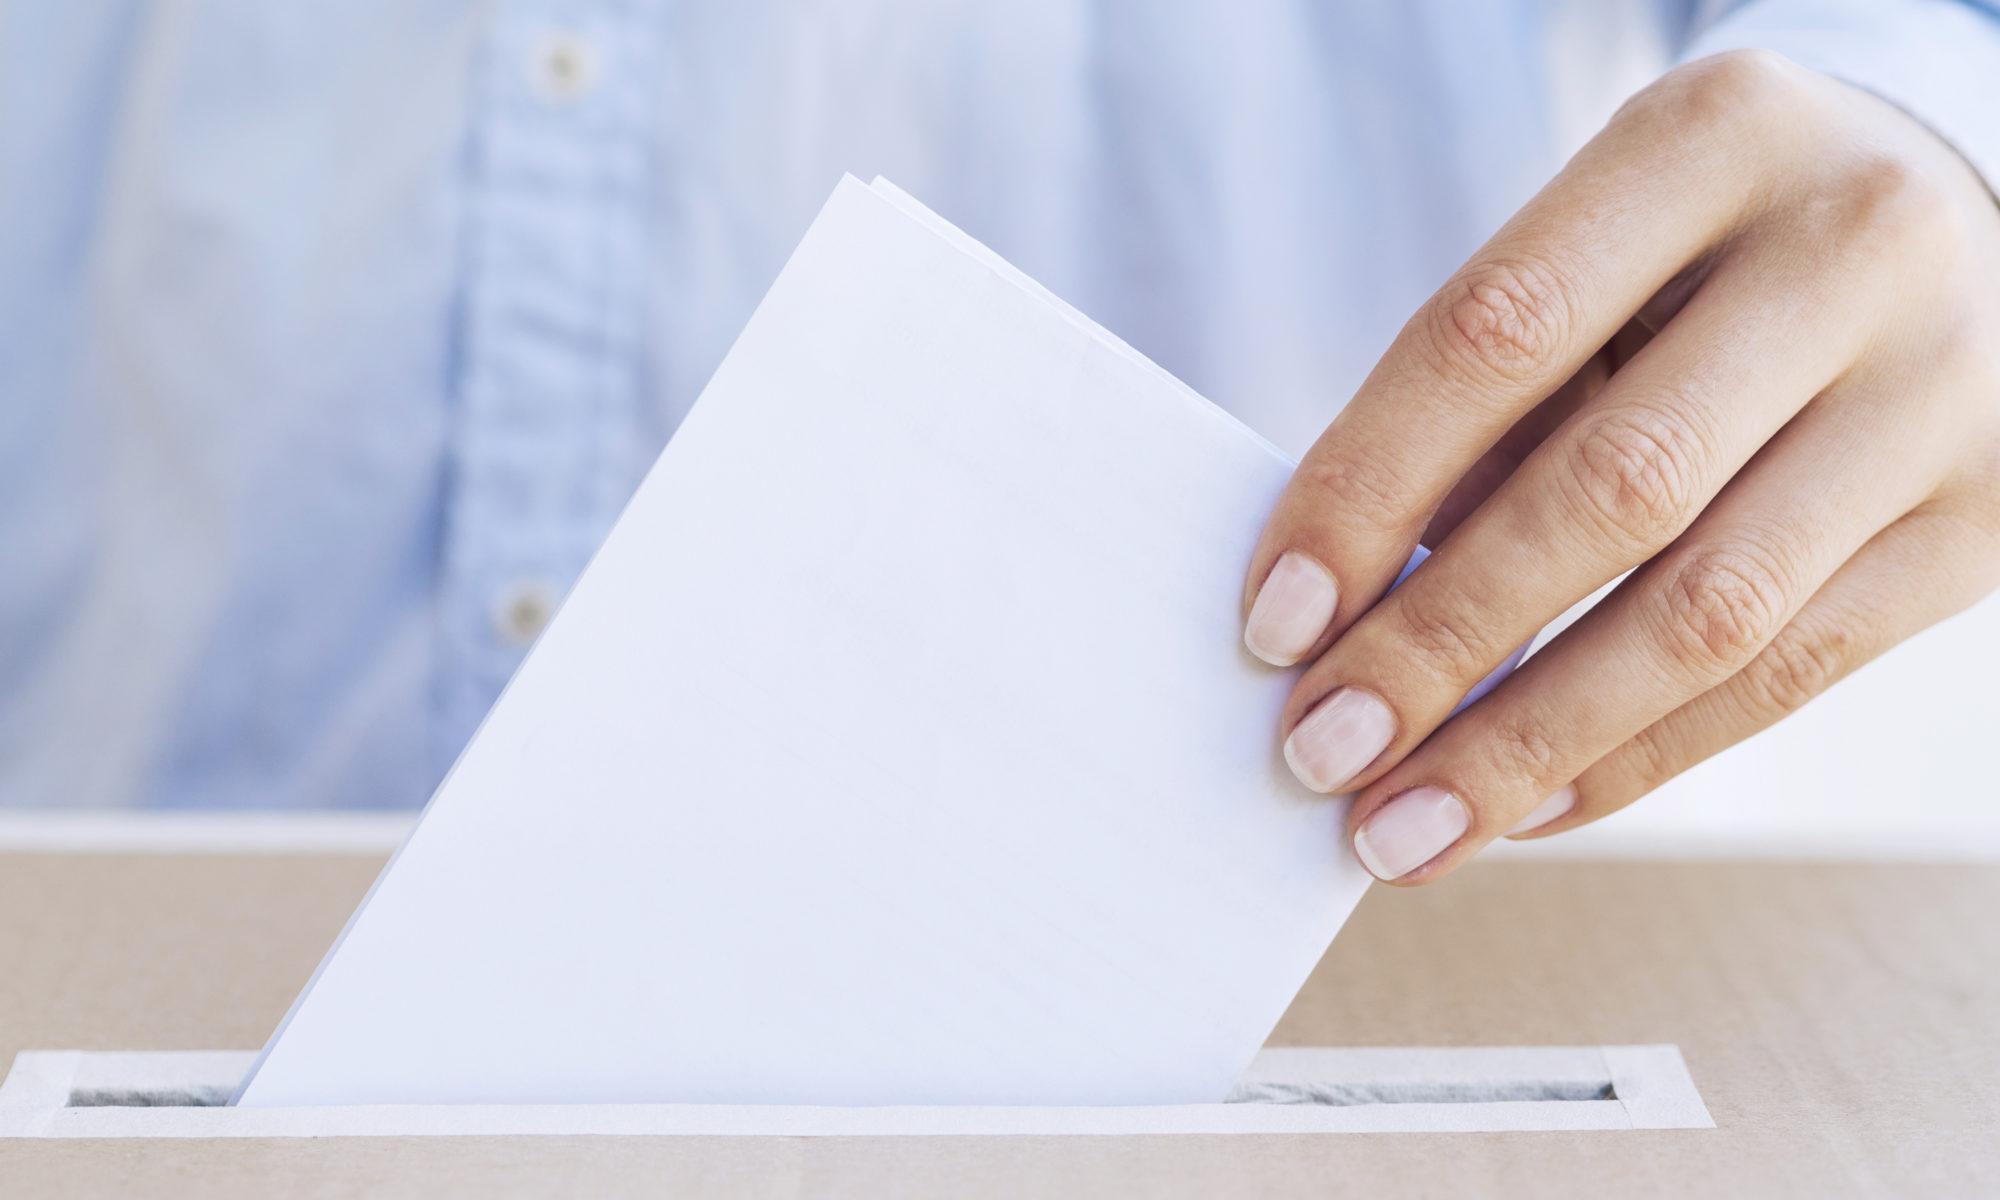 Femme mettant un bulletin dans l'urne